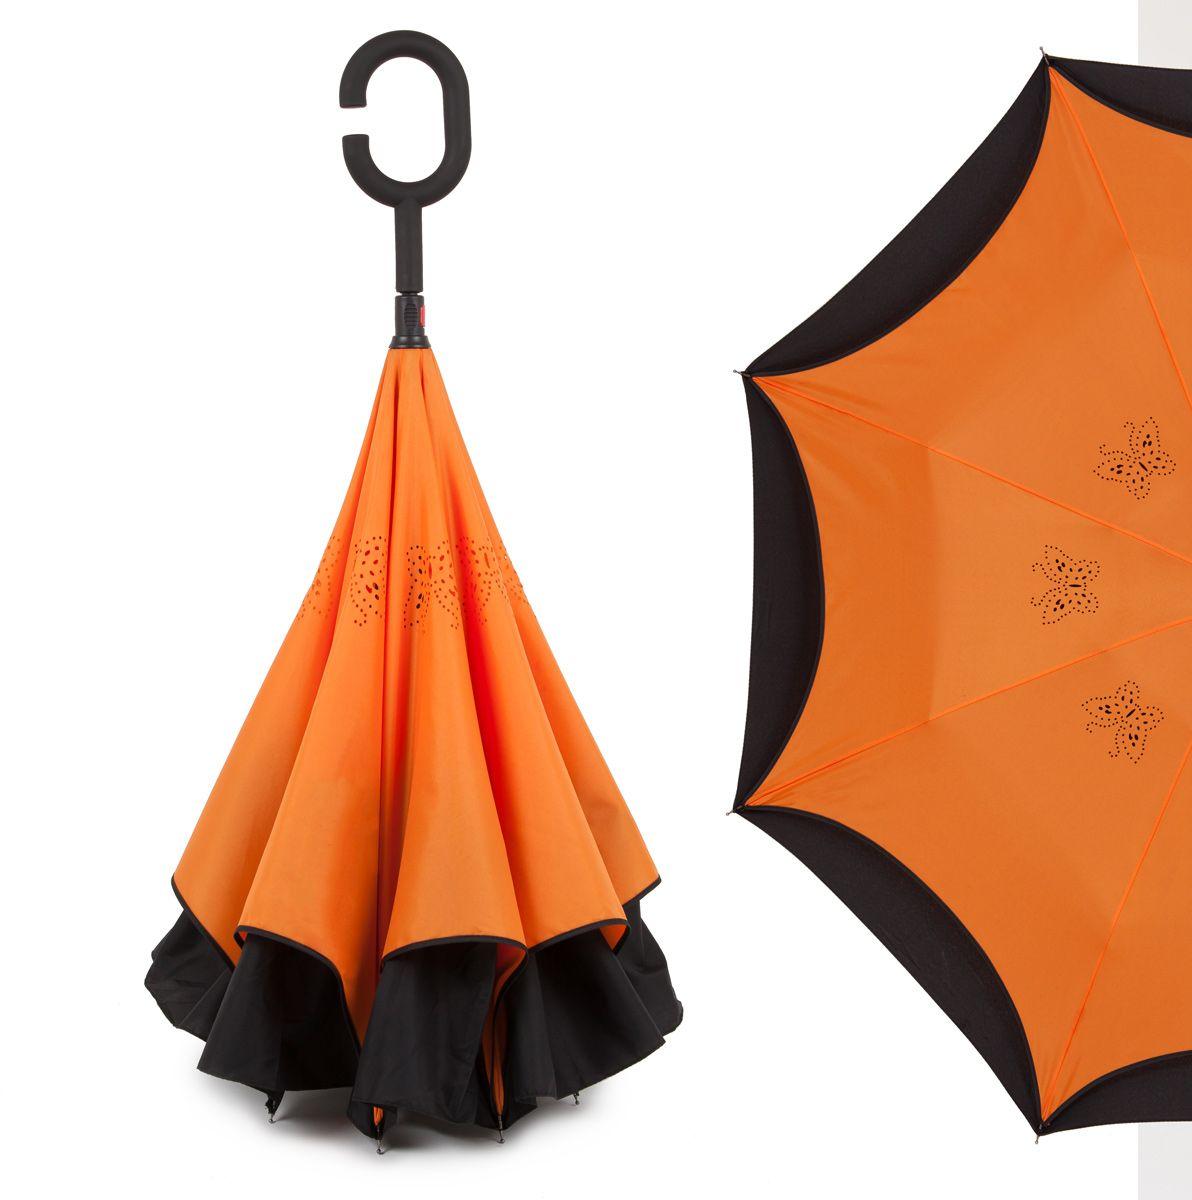 Зонт-трость женский Flioraj, механика, цвет: оранжевый. 120001 FJ45100032/35449/3537AОригинальный зонт-трость Flioraj надежно защитит вас от дождя. Зонт складывается внутренней (сухой) стороной наружу, избавляя владельца от контакта с мокрой поверхностью. Приходя в незнакомое место у Вас не будет неловкого момента от того, что некуда убрать мокрый зонт - Вы сможете спокойно высушить его позже, закончив свои дела. Зонт Miracle очень удобен для автомобилистов: садясь в машину, Вы аккуратно закрываете зонт, не уронив ни одной капли воды в салоне.Удобная ручка с гипоаллергенным покрытием Soft-Touch позволяет высвободить обе руки - Вы спокойно можете пользоваться телефоном, а зонт будет надежно держаться на Вашем запястье, защищая от капризов природы. Яркая расцветка и рисунок по внутренней части зонта поднимут Вам настроение! С таким зонтом больше ничто не испортит Ваших планов!